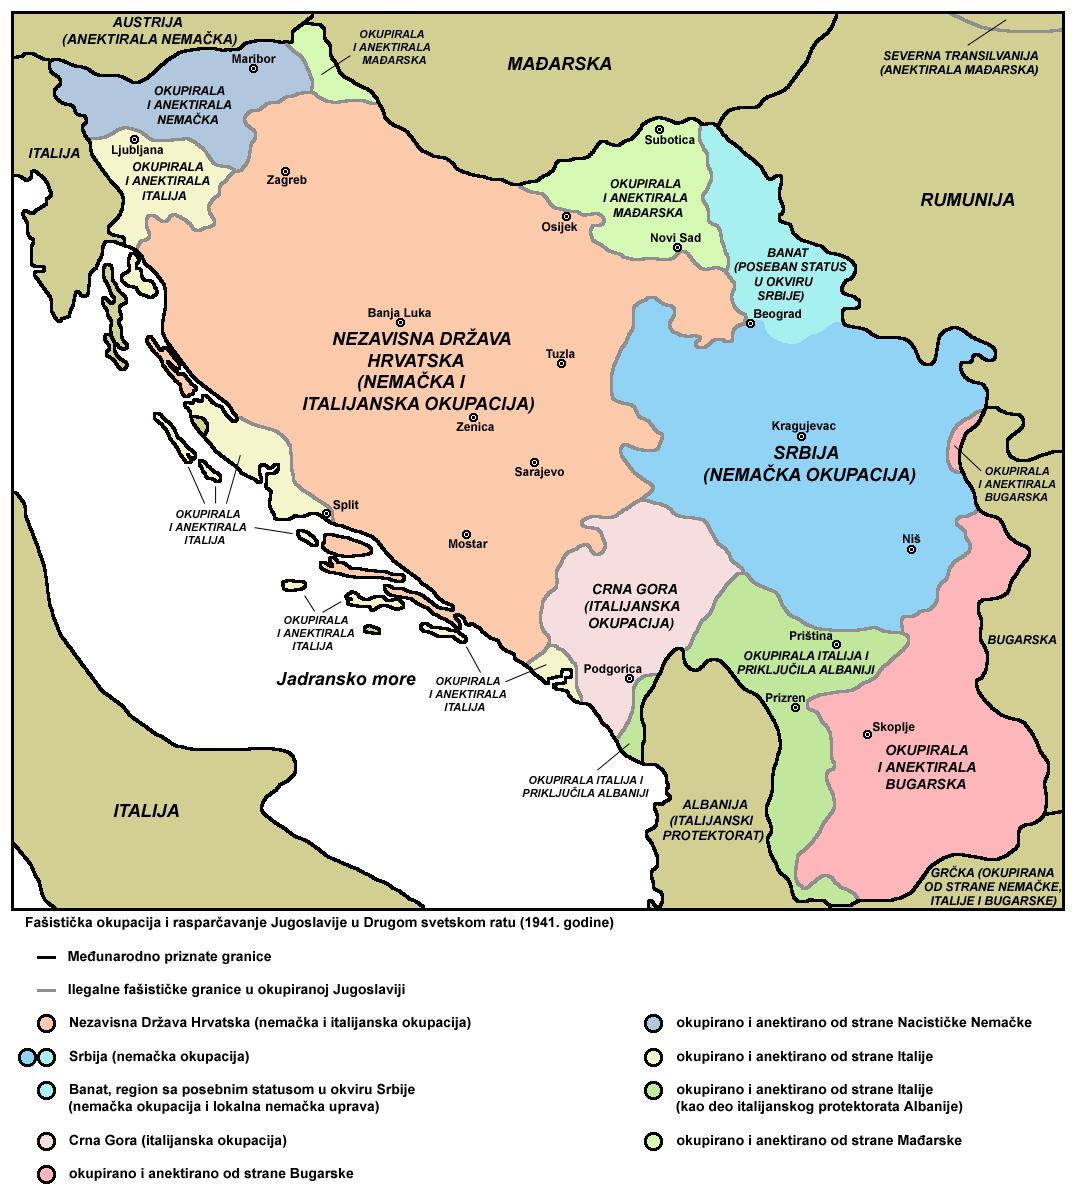 karta srbije za navigaciju Okupacija Jugoslavije u Drugom svetskom ratu   Wikipedia karta srbije za navigaciju